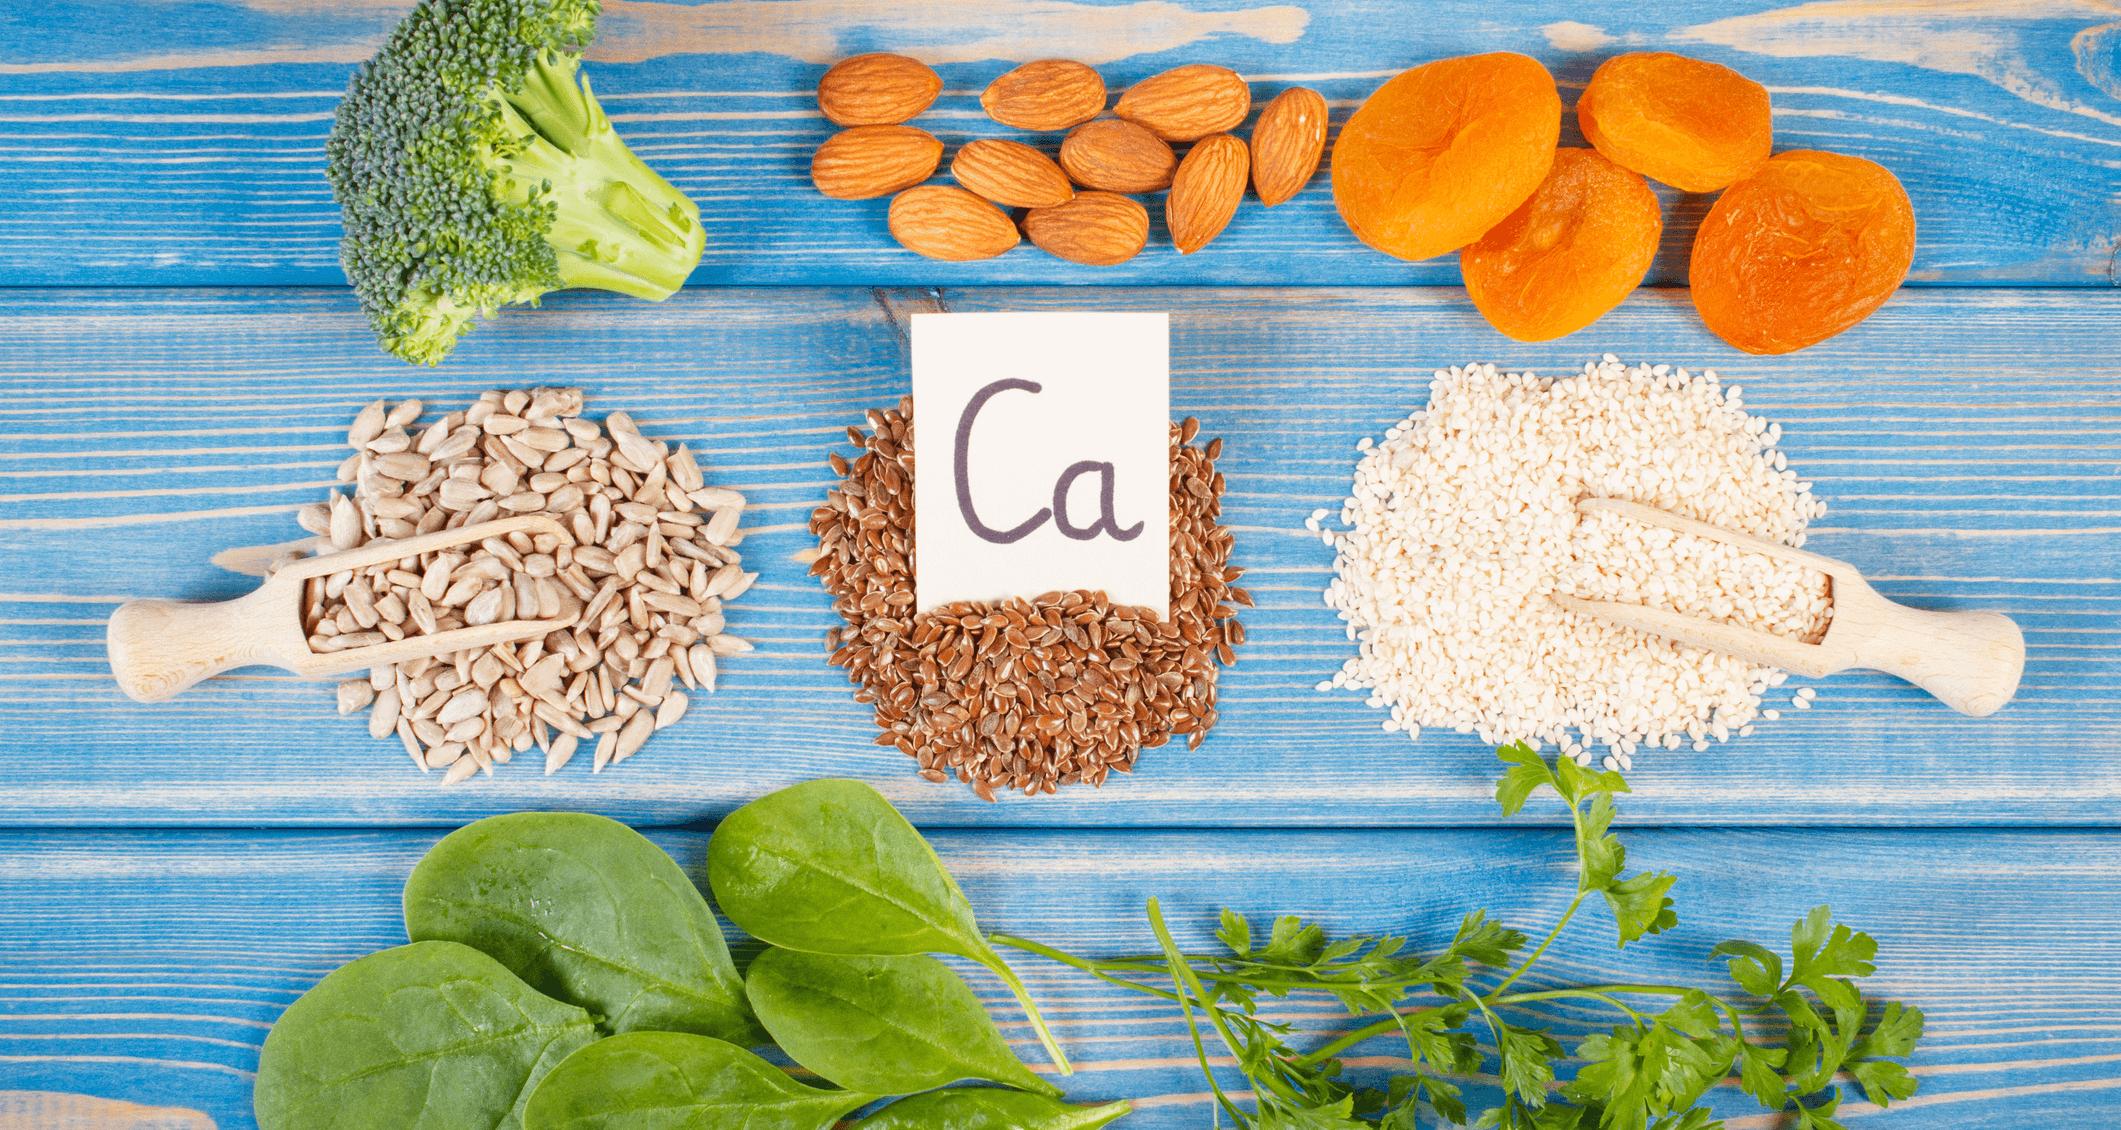 El calcio en una alimentación vegetariana estricta